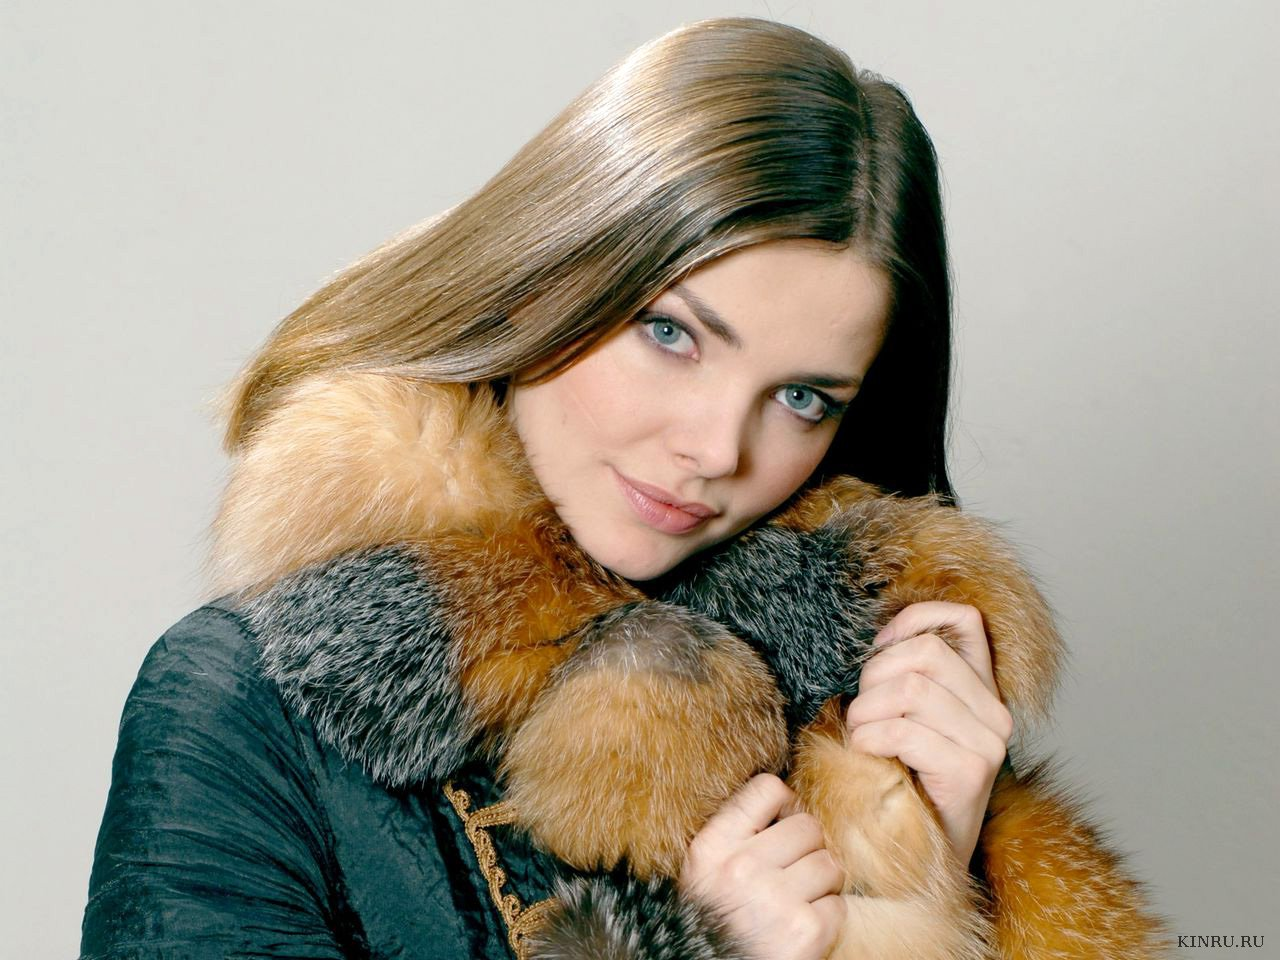 Фотографии ню российских актрис 6 фотография